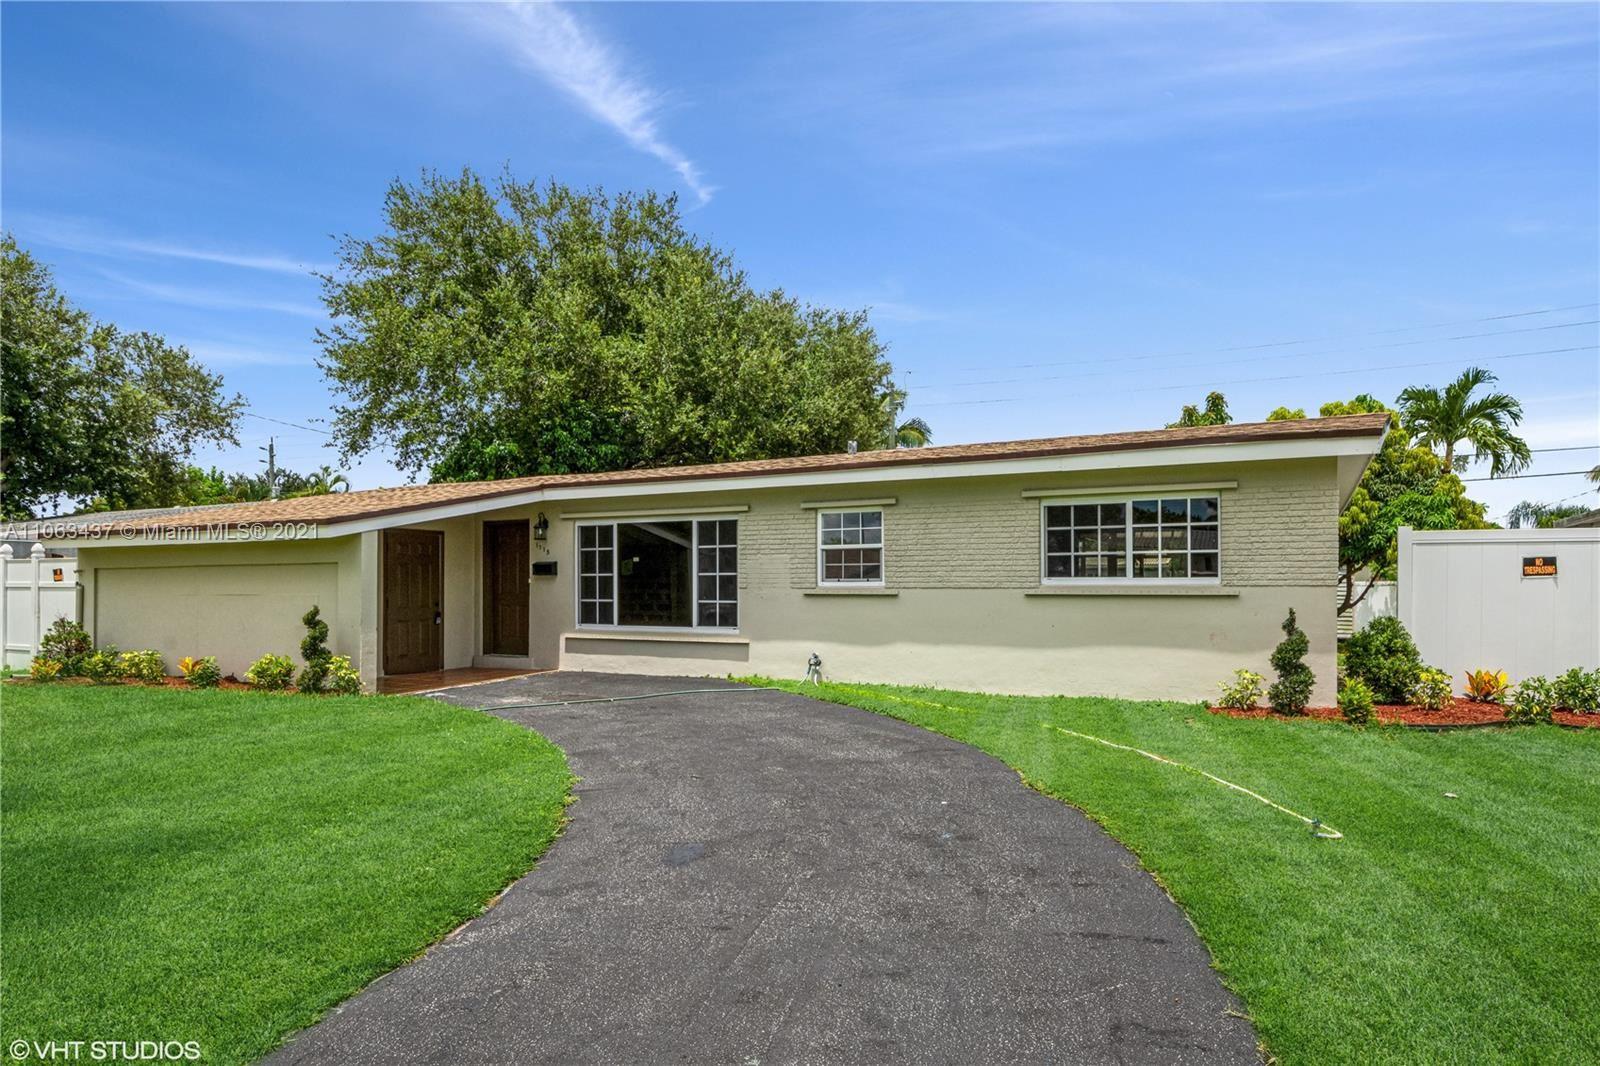 1715 N 46th Ave, Hollywood, FL 33021 - #: A11063437